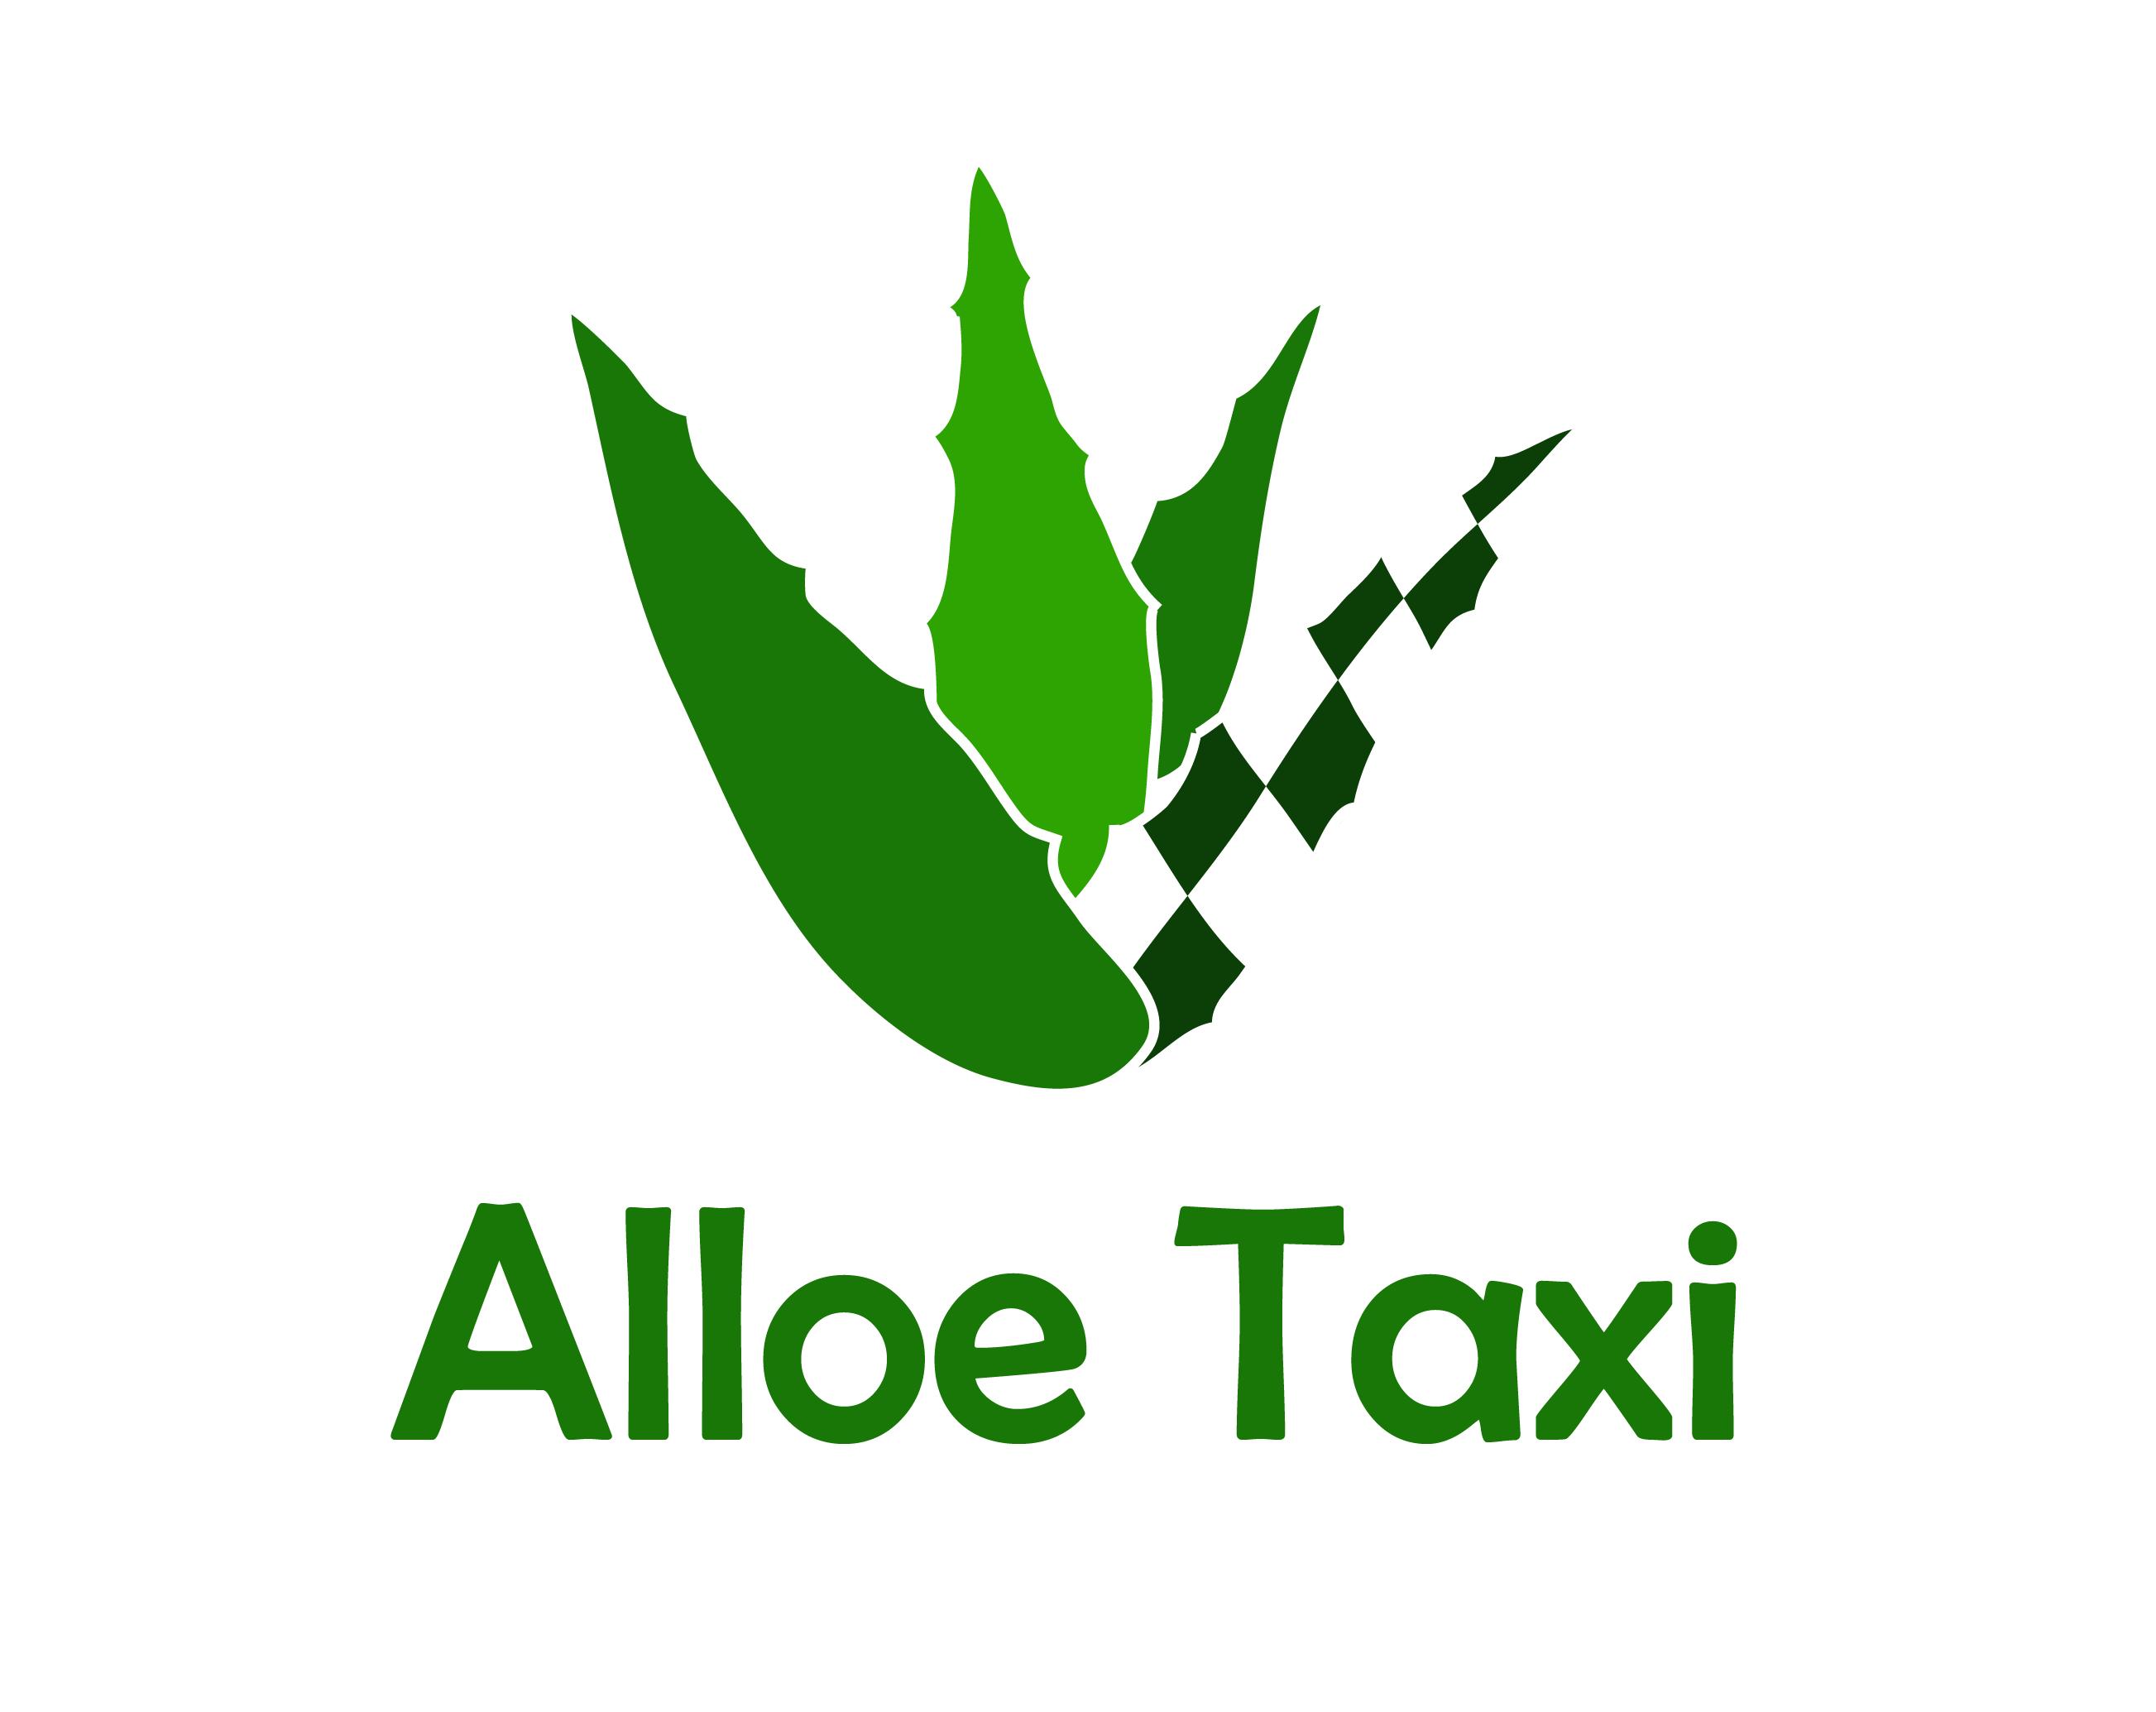 придумать логотип для такси фото f_396539f1e844a88c.png